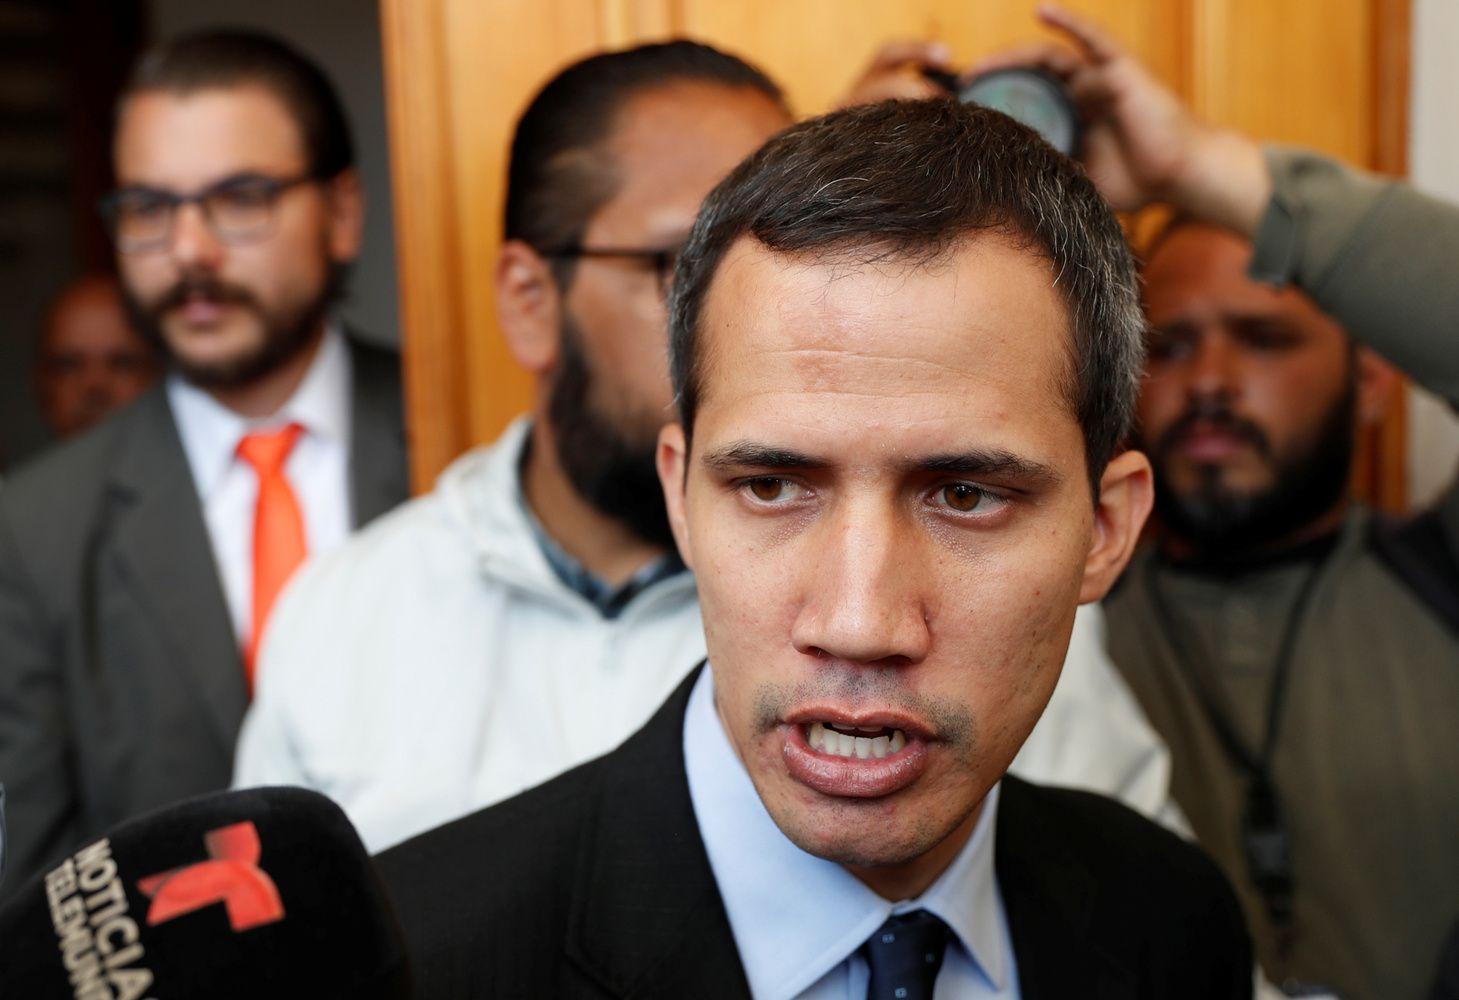 EP pripažino J. Guaido teisėtu Venesuelos vadovu